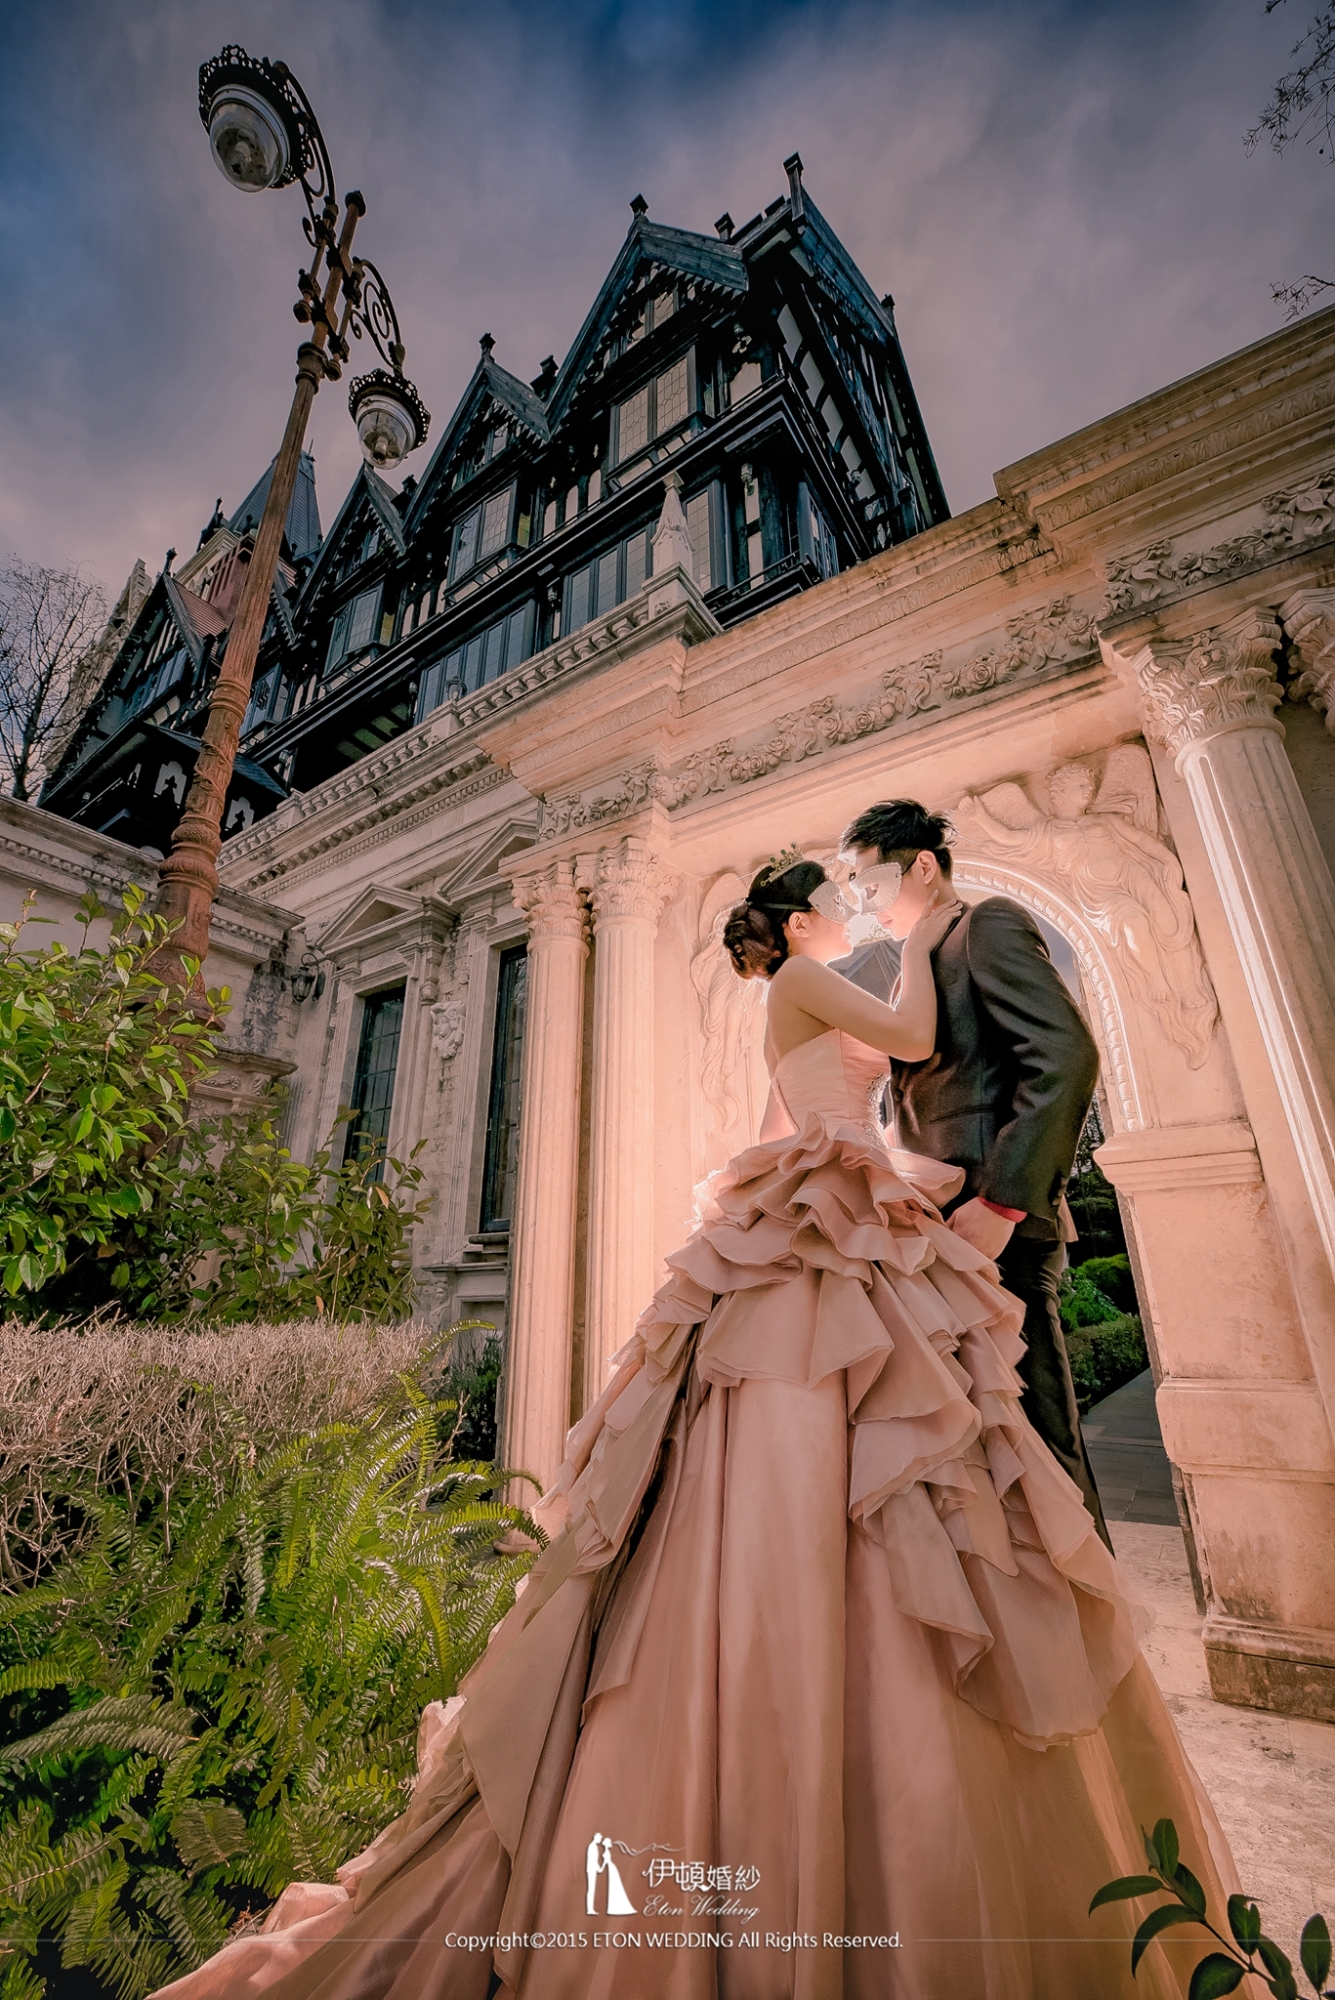 婚紗攝影推薦,婚紗攝影價格,婚紗攝影ptt,婚紗攝影作品,台北婚紗攝影,婚紗攝影,婚紗照風格,婚紗照姿勢,婚紗攝影工作室